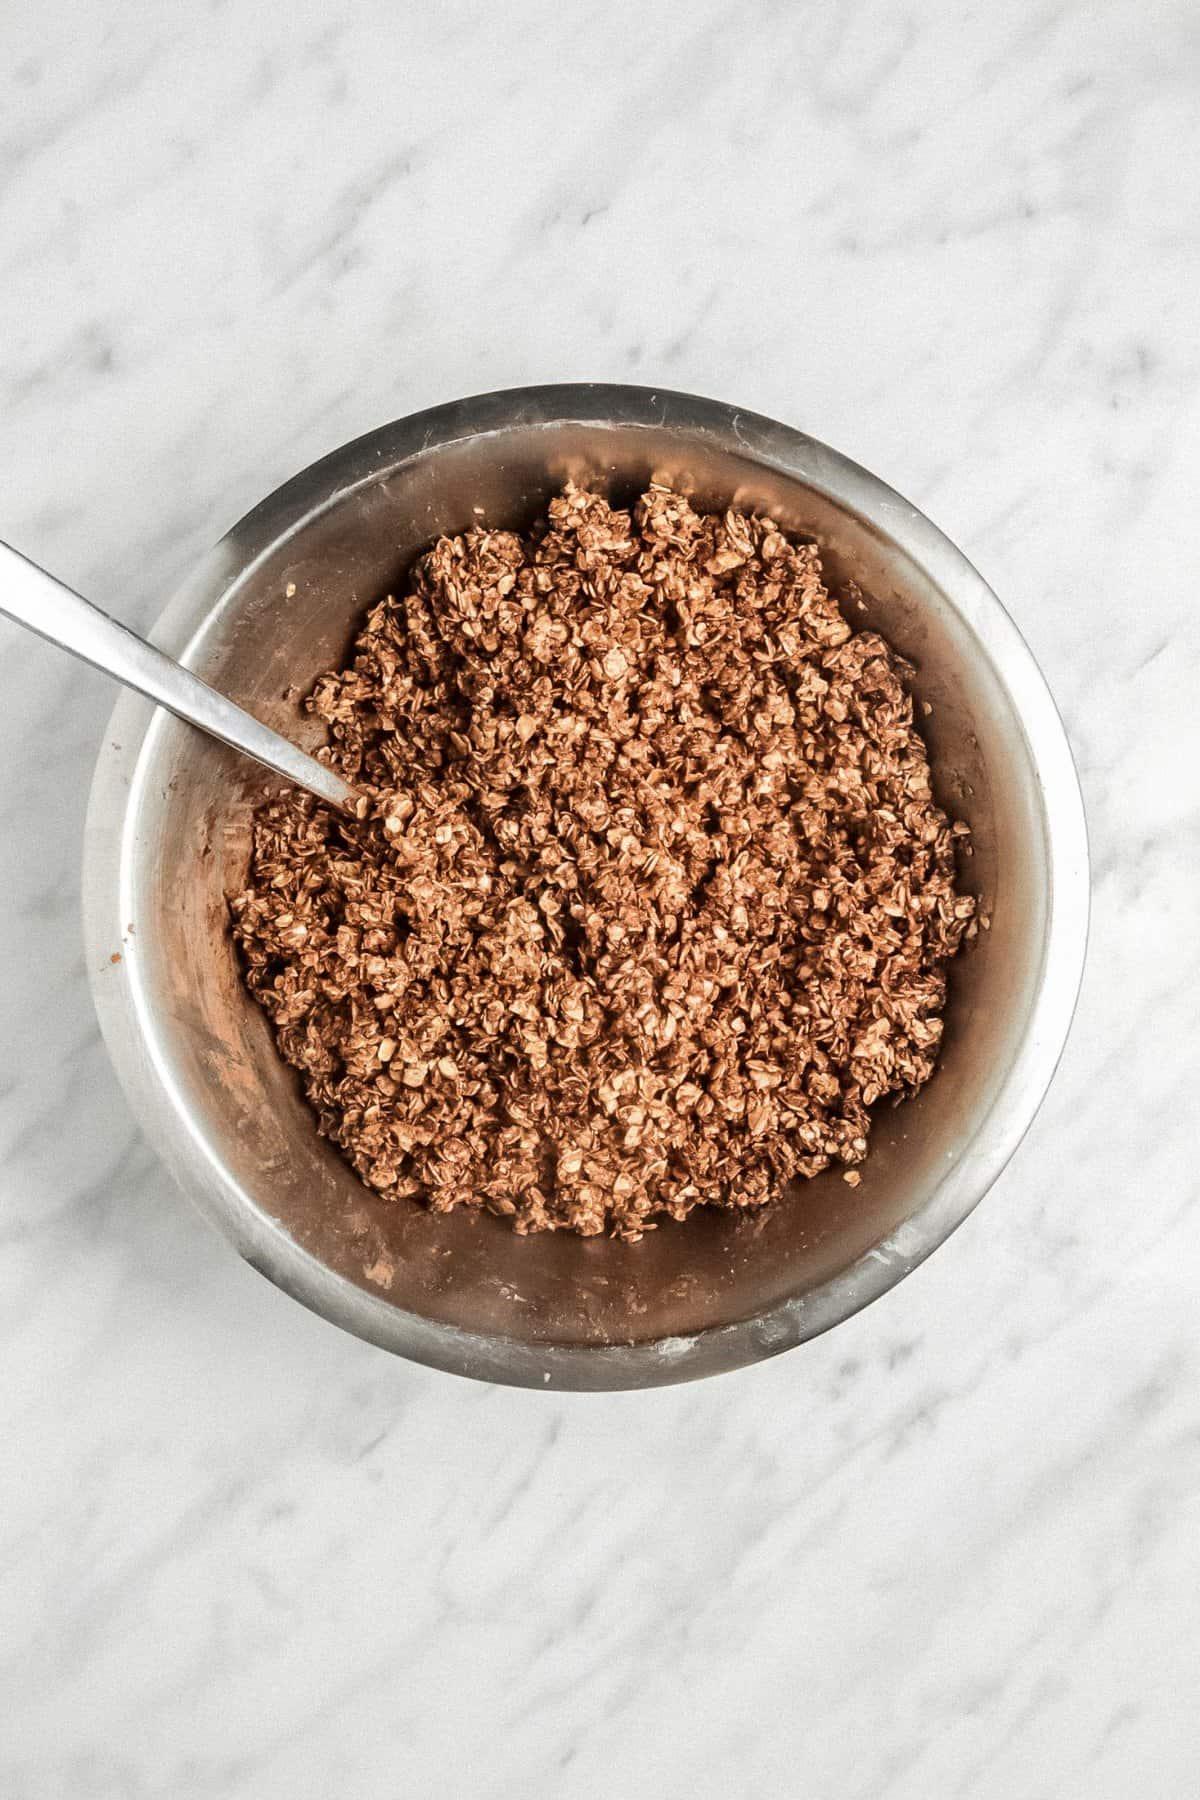 Vegan Homemade Chocolate Granola